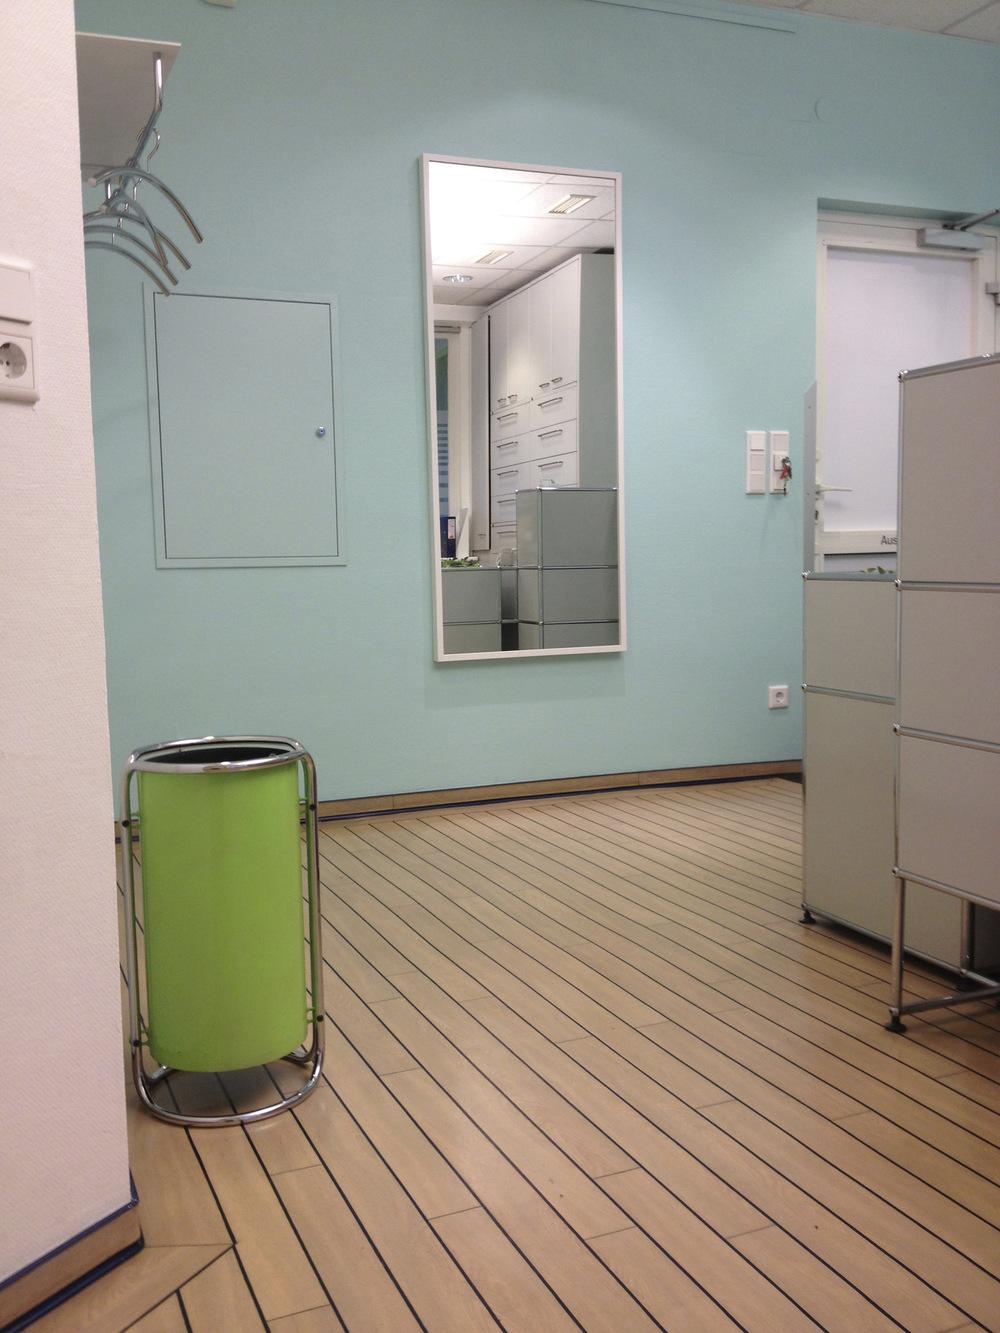 heikeschroeder.com - Der Eingangsbereich mit Garderobe.